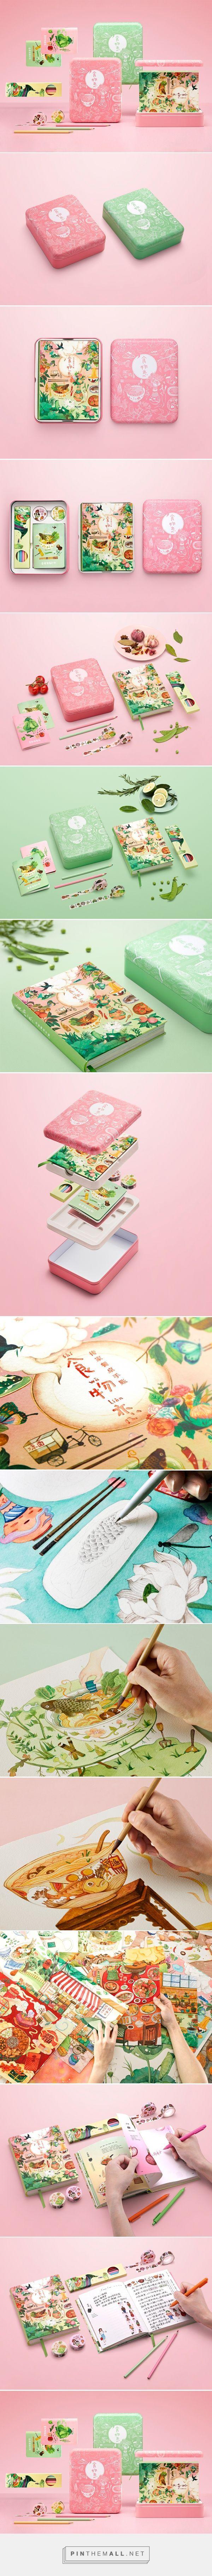 爱的食品礼盒包装设计深圳Pure Creative  -  http://www.packagingoftheworld.com/2017/05/love-for-food-gift-box.html